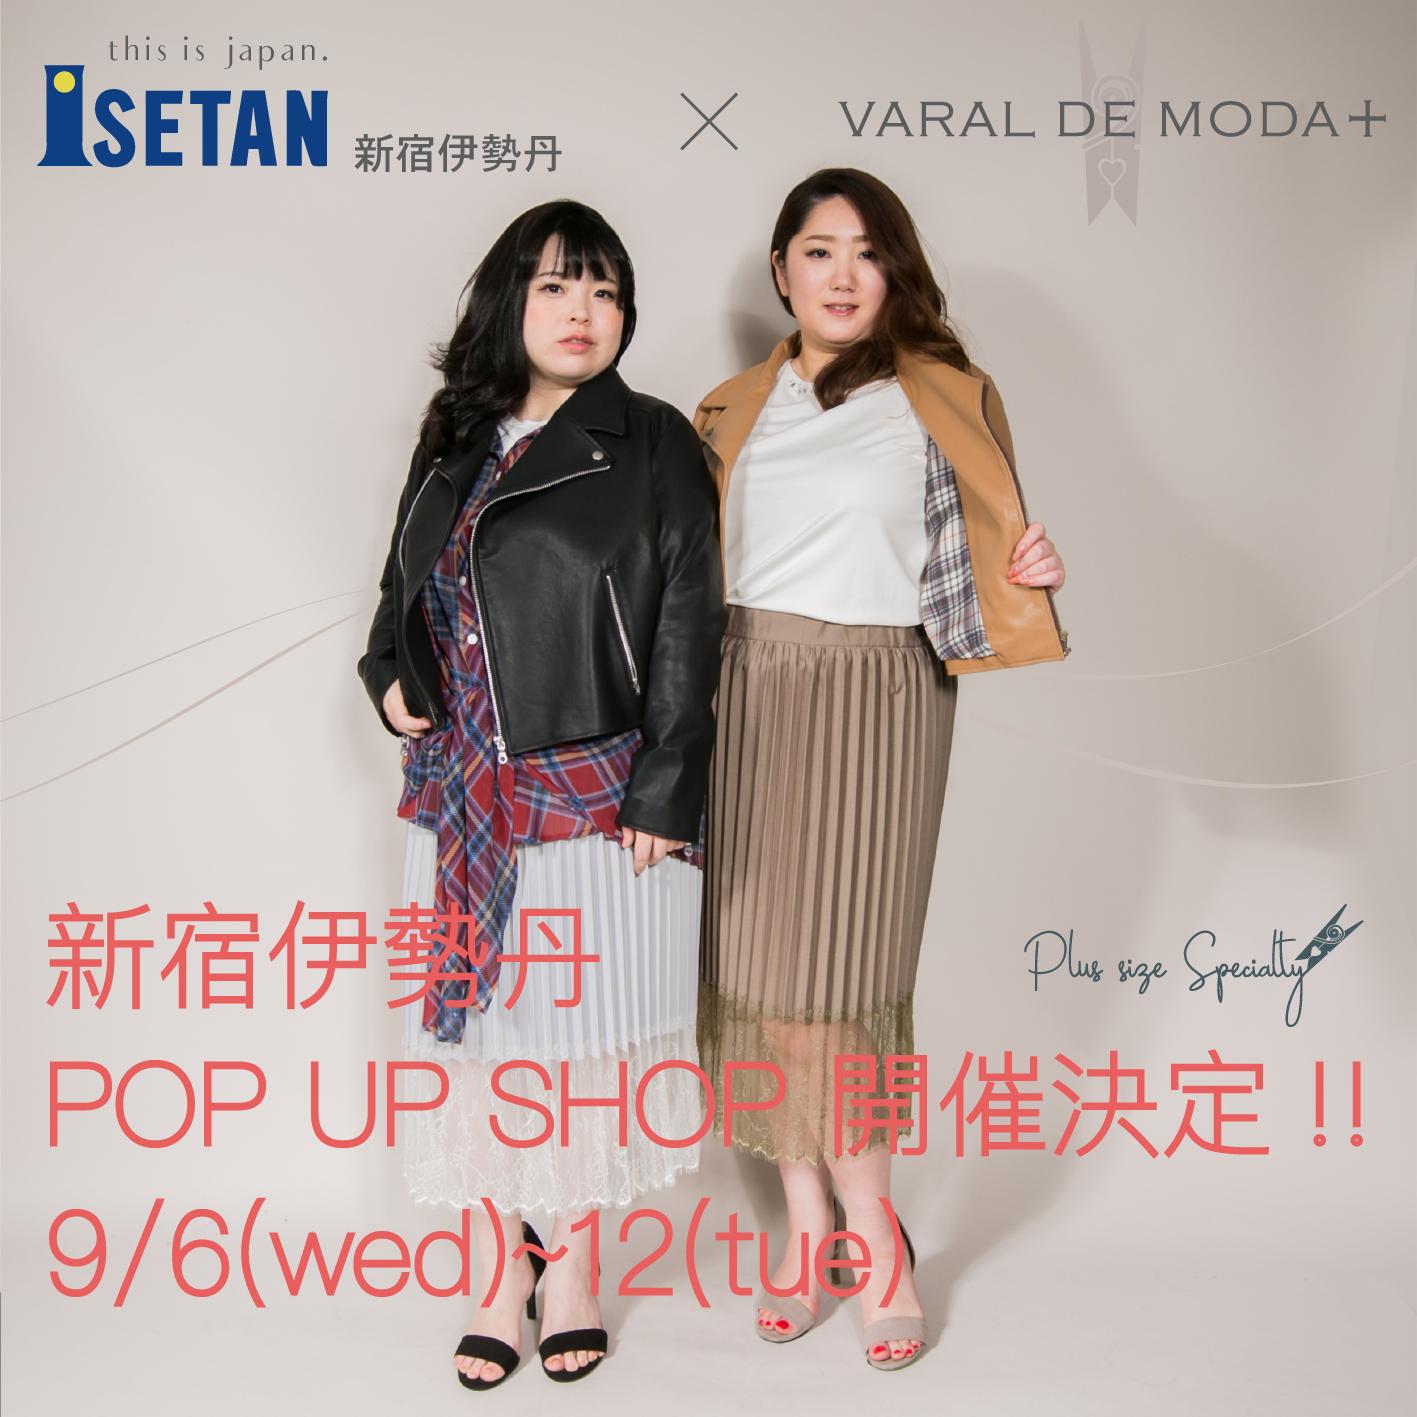 新宿伊勢丹POP-UP1-1